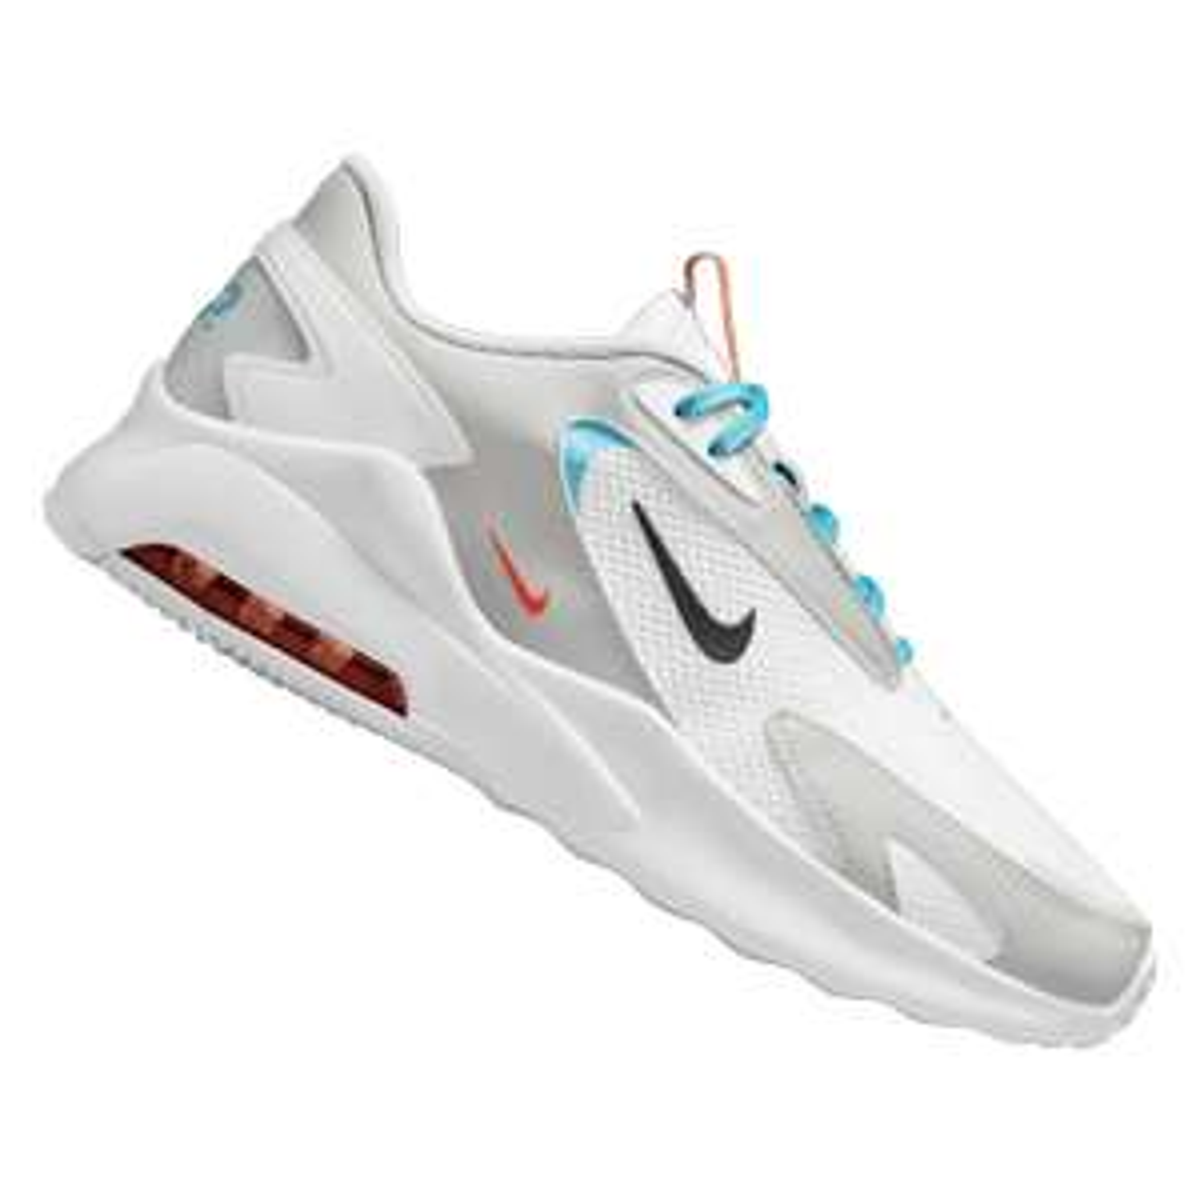 Baskets Nike Air Max Bolt - Blanc / Gris clair - Tailles du 40 au 46